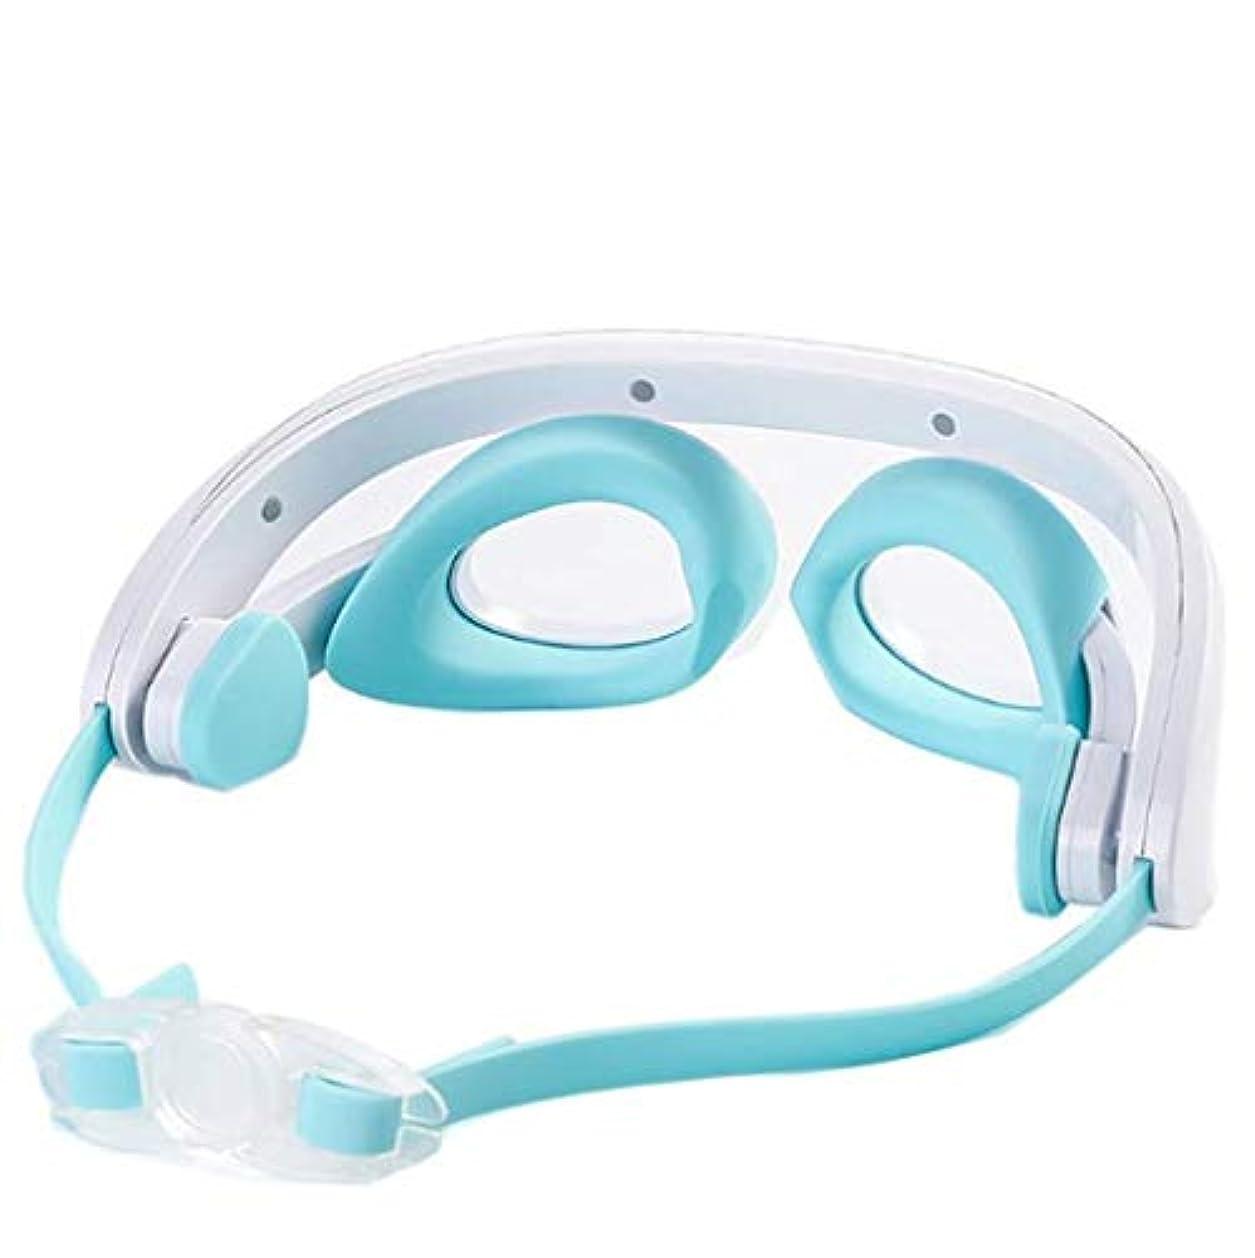 グラマーケイ素驚いたことにアイマッサージャー、スマートLED電動マッサージャー、3つのマッサージモード、一定温度のホットコンプレス、アイバッグとダークサークルに適した、目の疲労を軽減